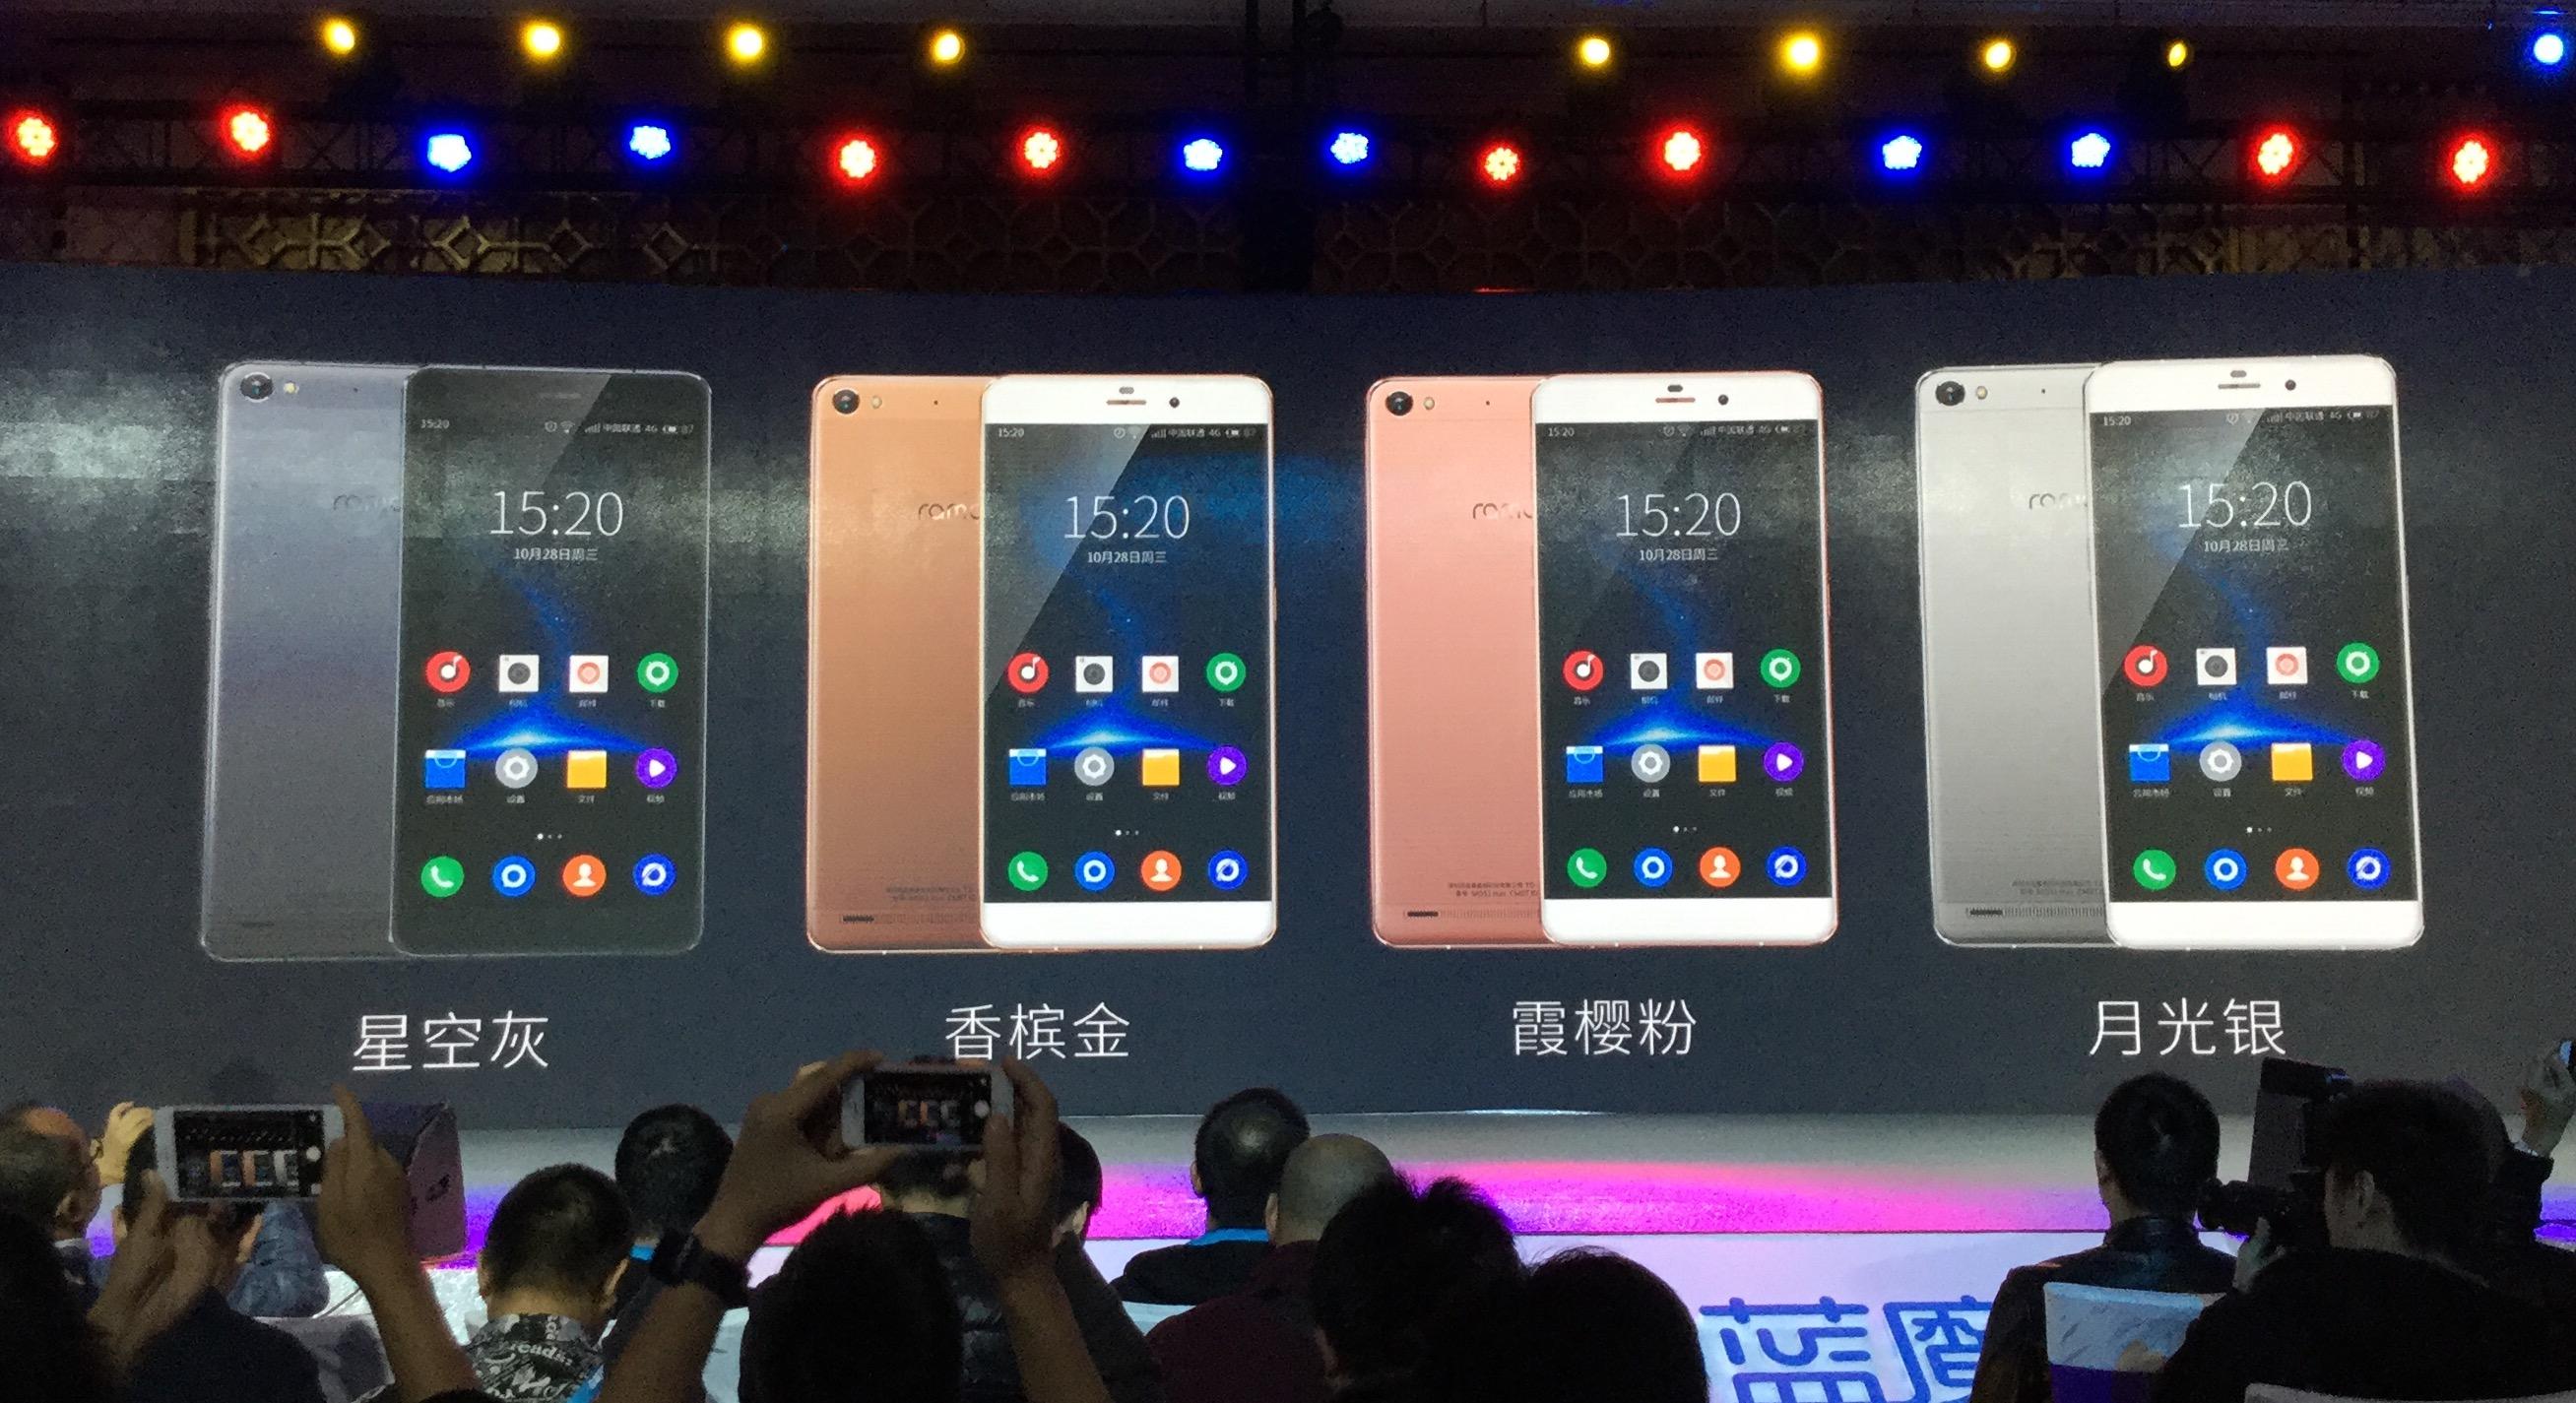 蓝魔MOS1 Max发布:能同时挂两个微信和QQ 凤凰科技讯 10月28日消息,蓝魔今天在北京举办发布会,推出手机新品MOS1 Max,作为蓝魔旗下的第二款手机产品,该机内置6010mAh的大容量电池,与此同时还将机身厚度控制在了6mm。该机售价2799元。 MOS1 Max搭载高通骁龙615八核处理器,内置3GB运行内存和32GB内部存储空间,并采用一块1920×1080全高清的6.